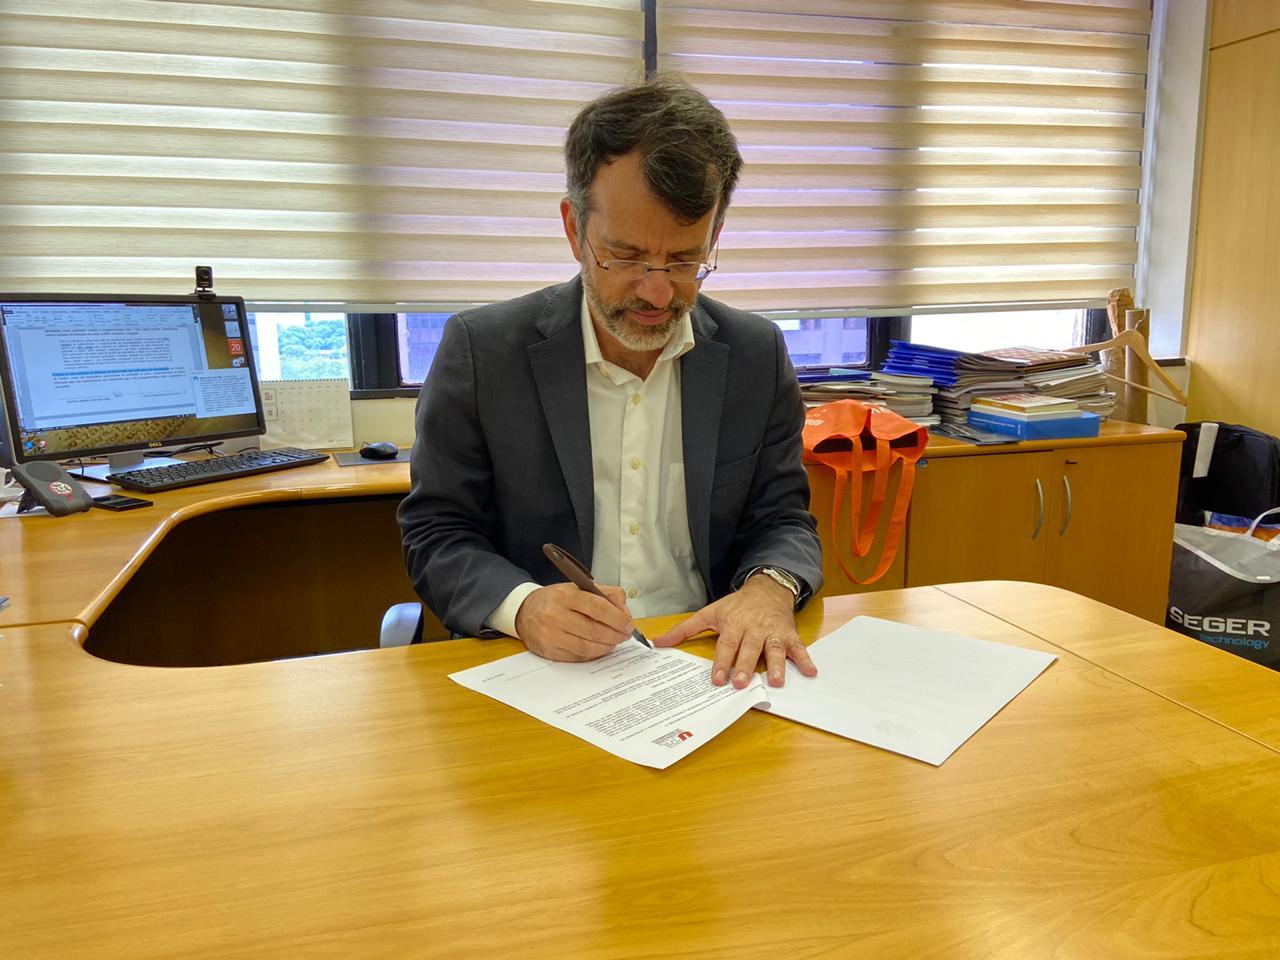 Diretor-geral da RNP, Nelson Simões, assinando o convênio com a RNP